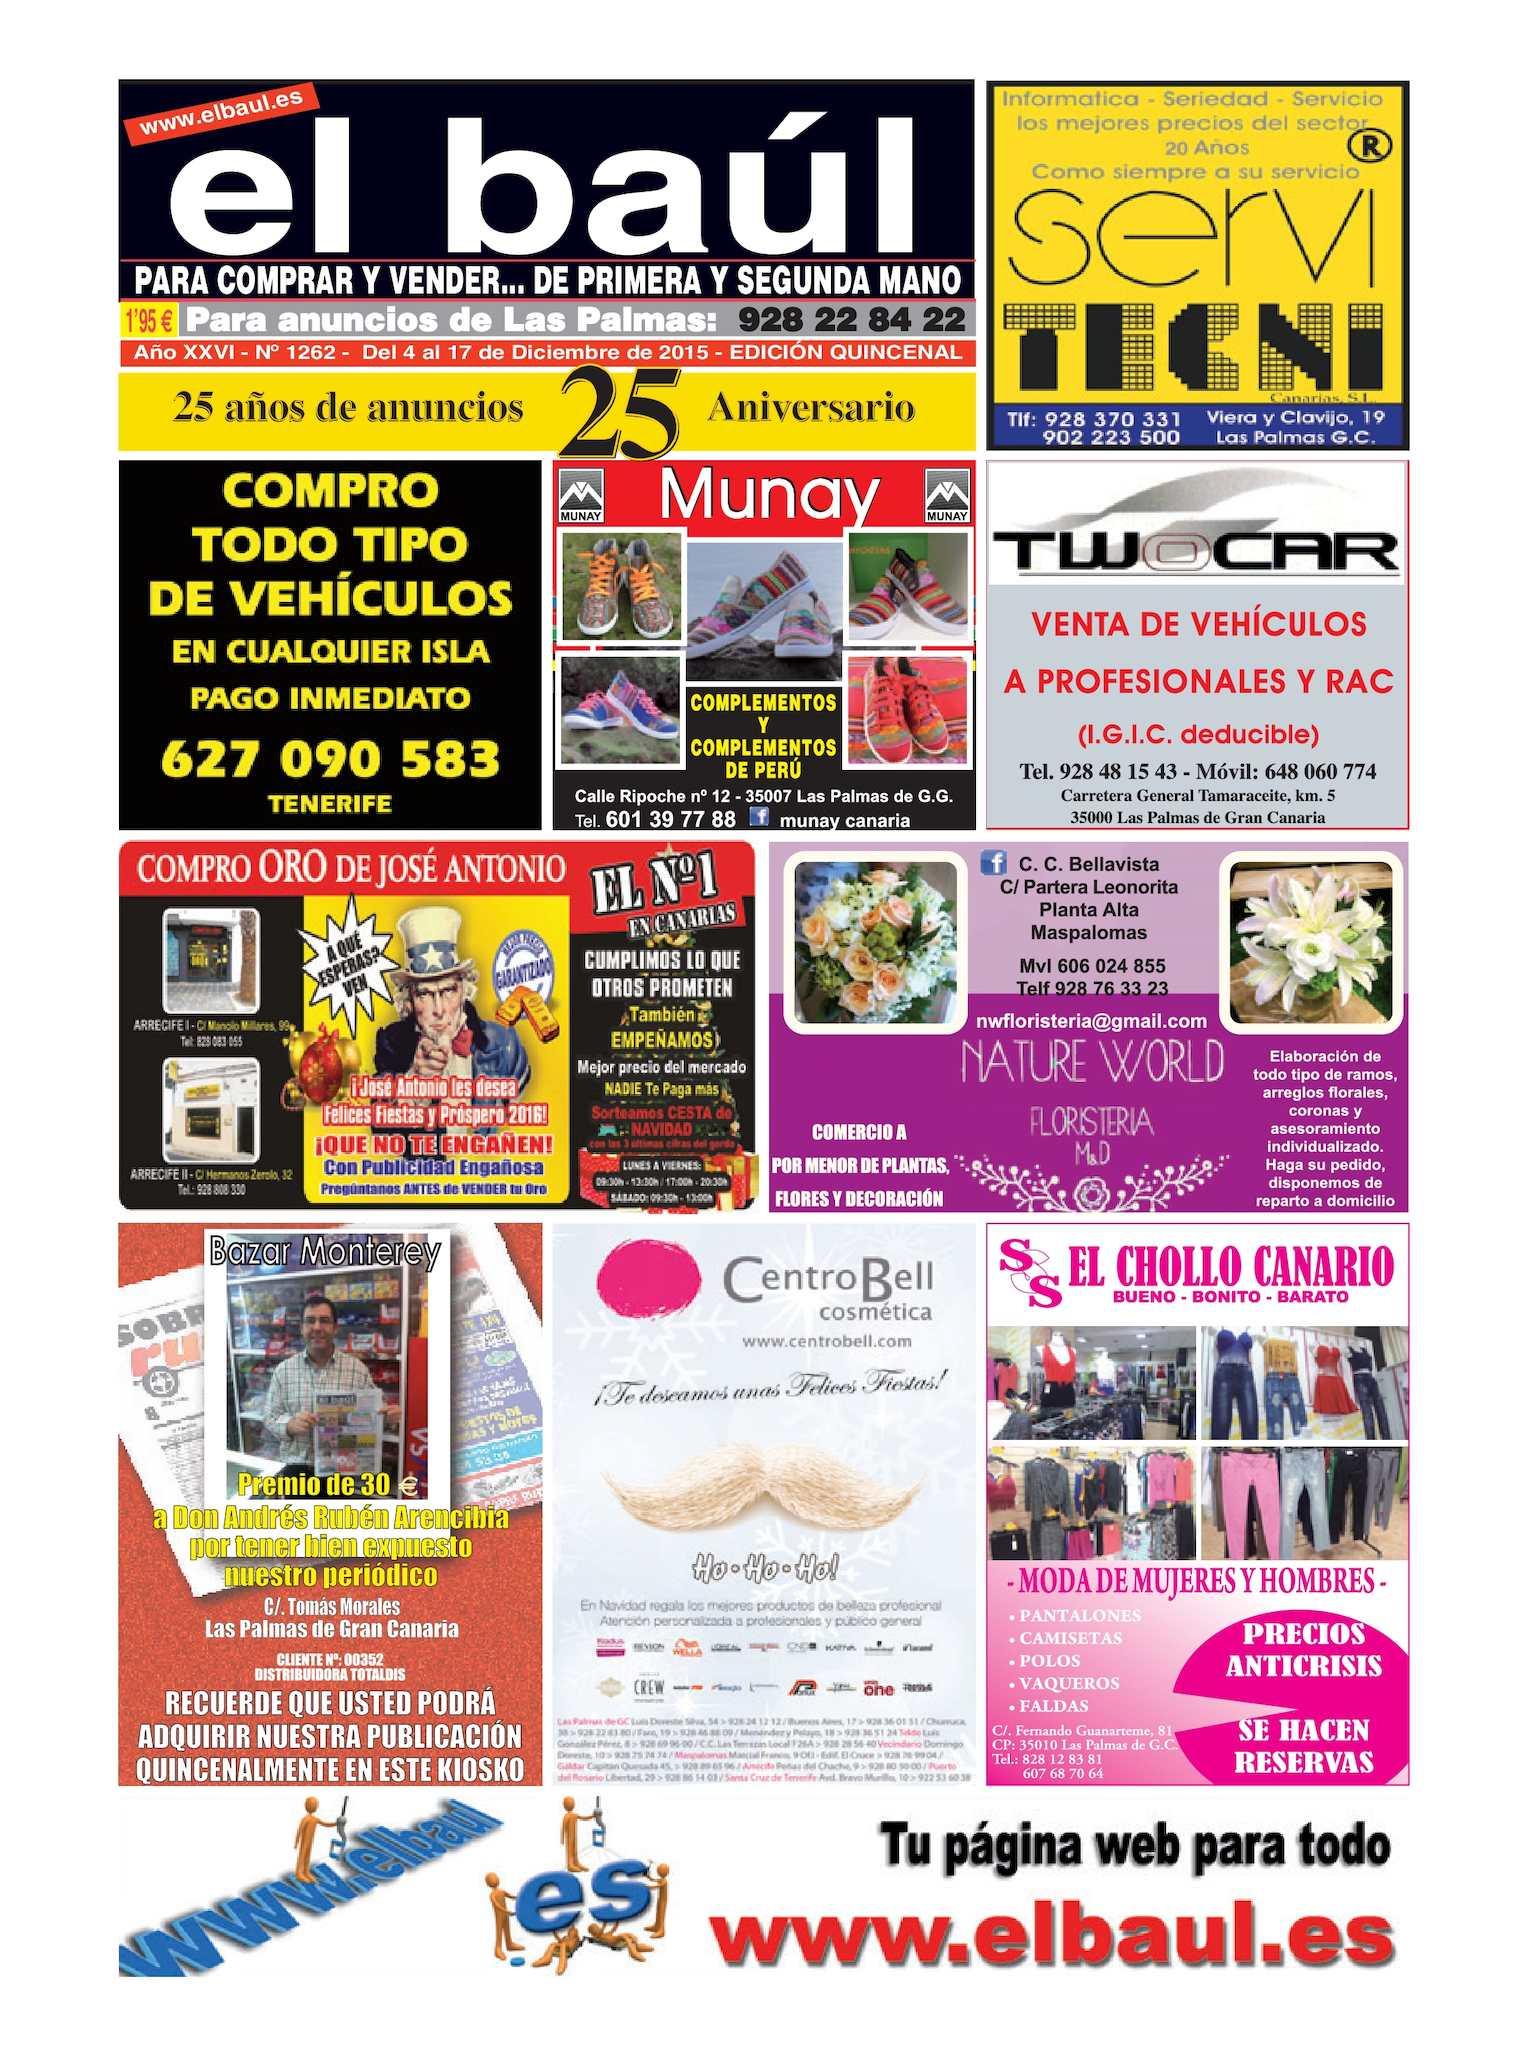 Calaméo - Periódico El Baúl segunda mano edición Las Palmas